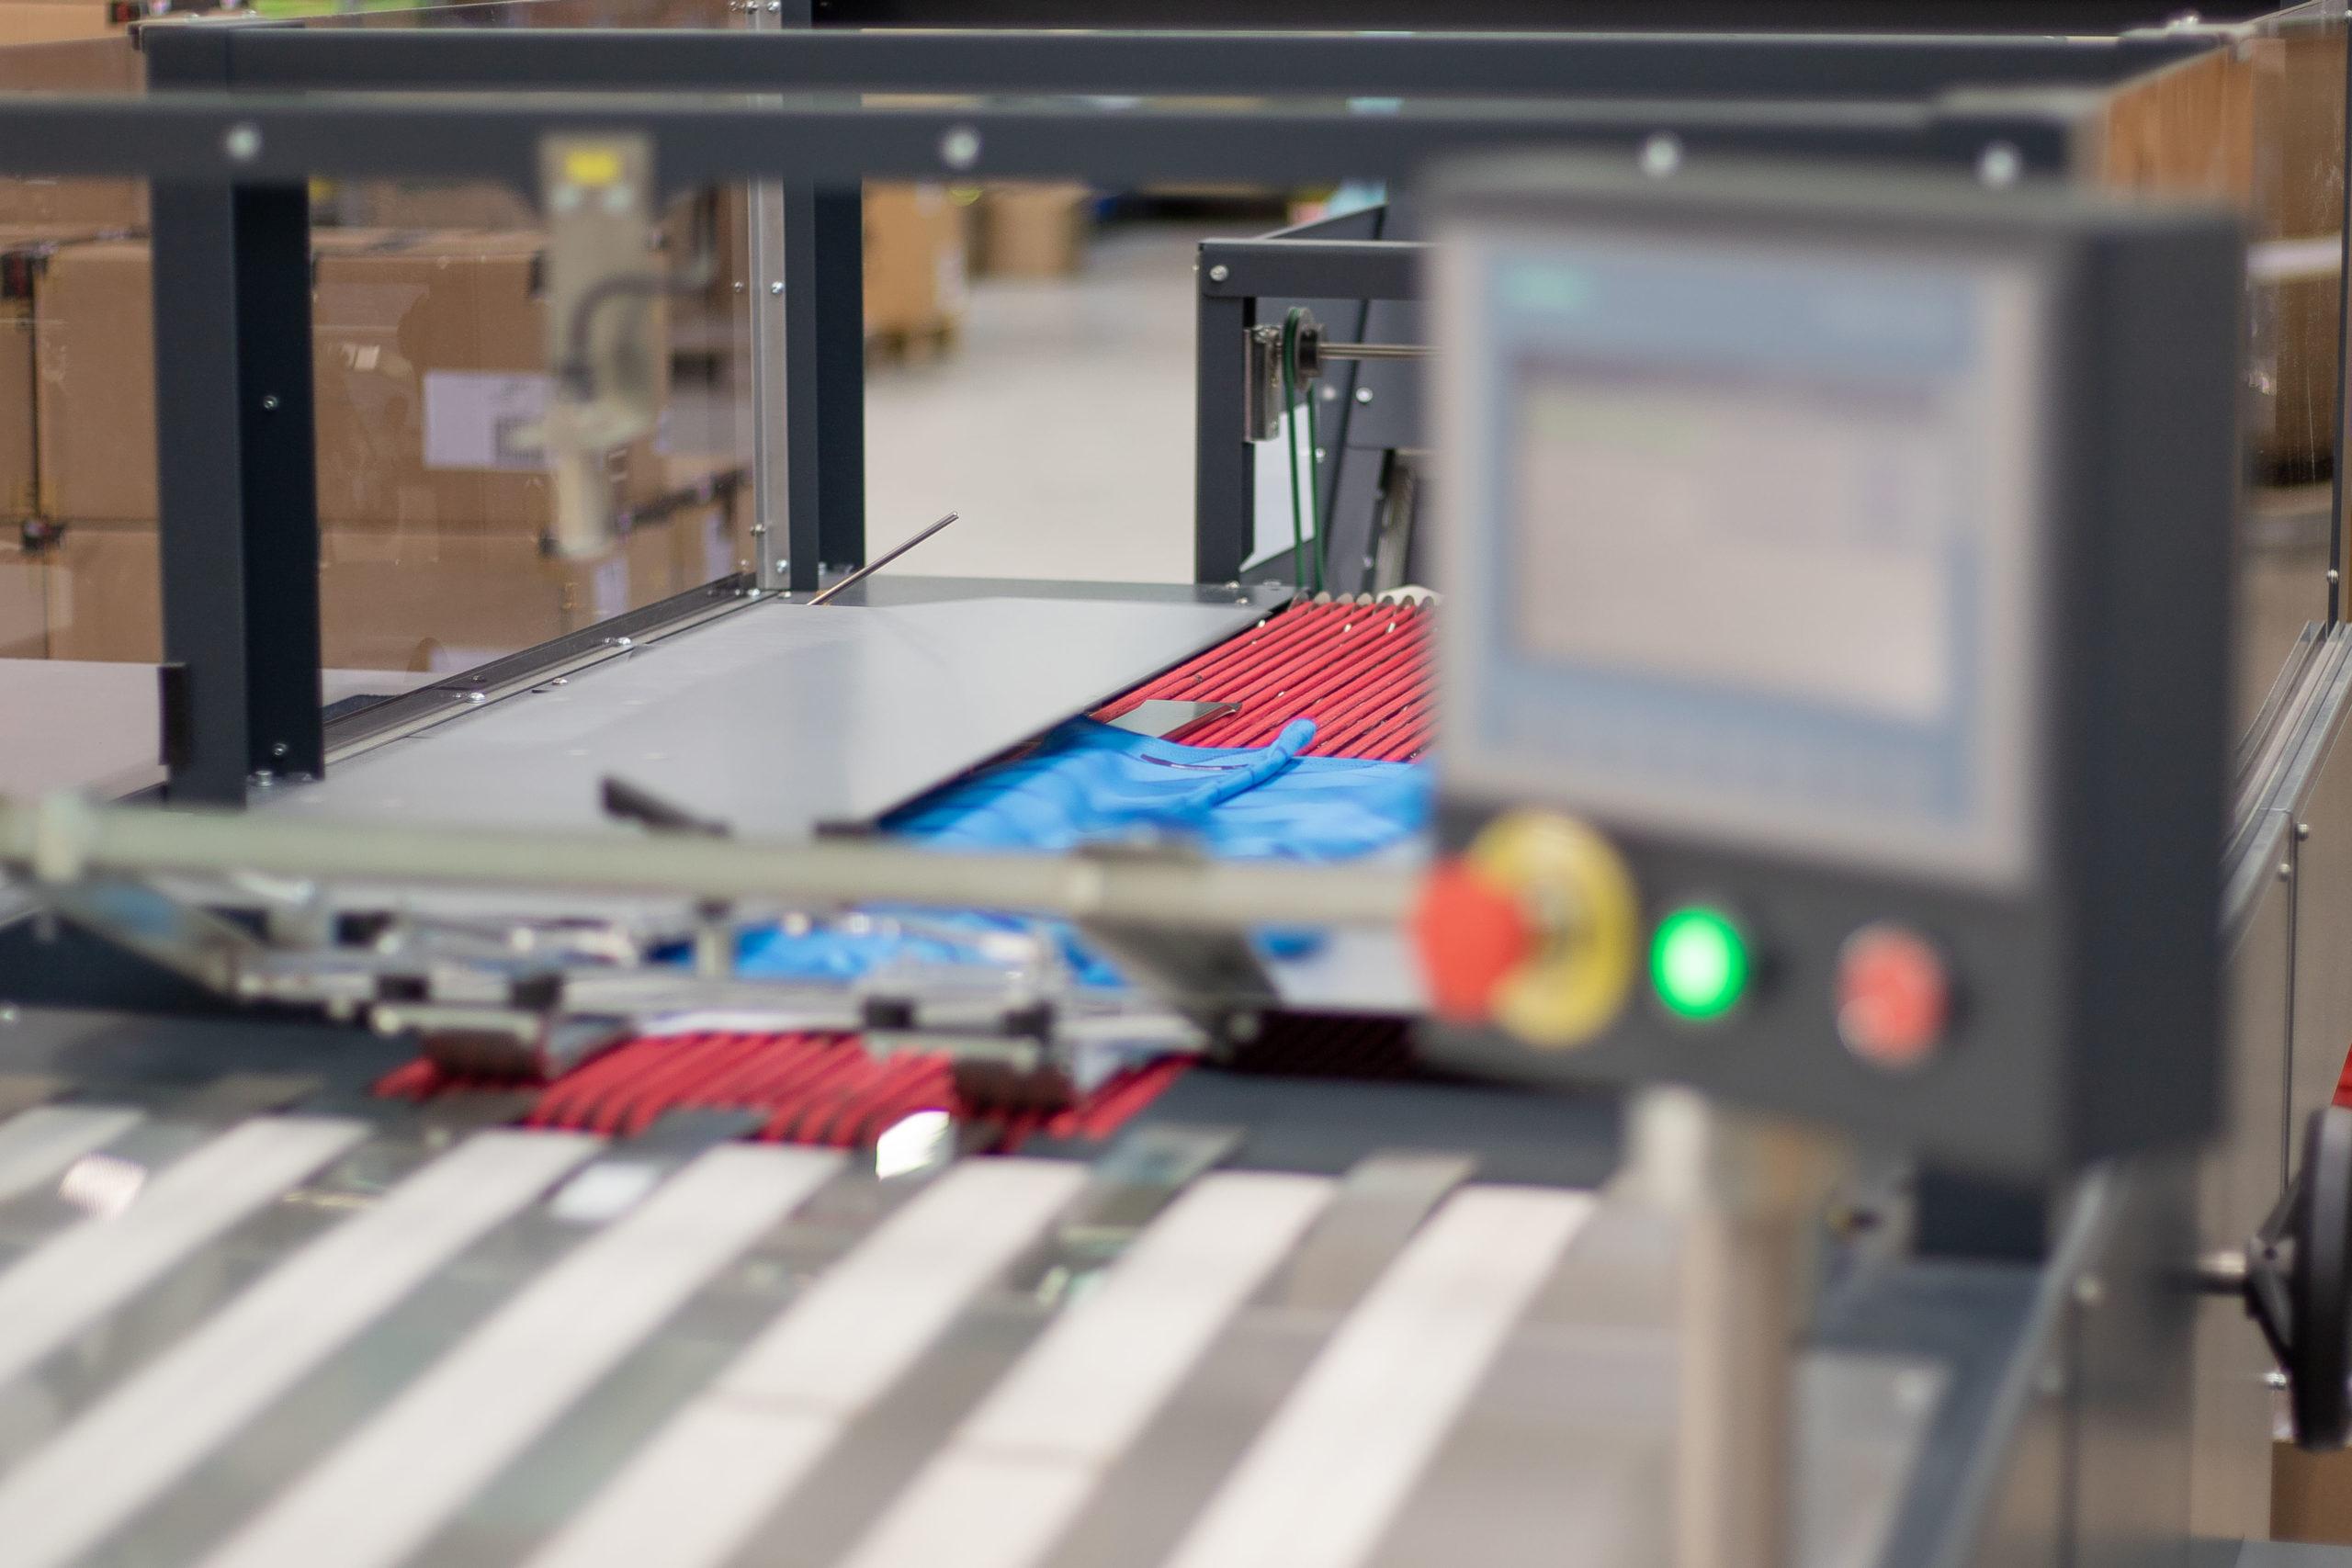 Maschine zum falten von Textilien in Produktionshalle